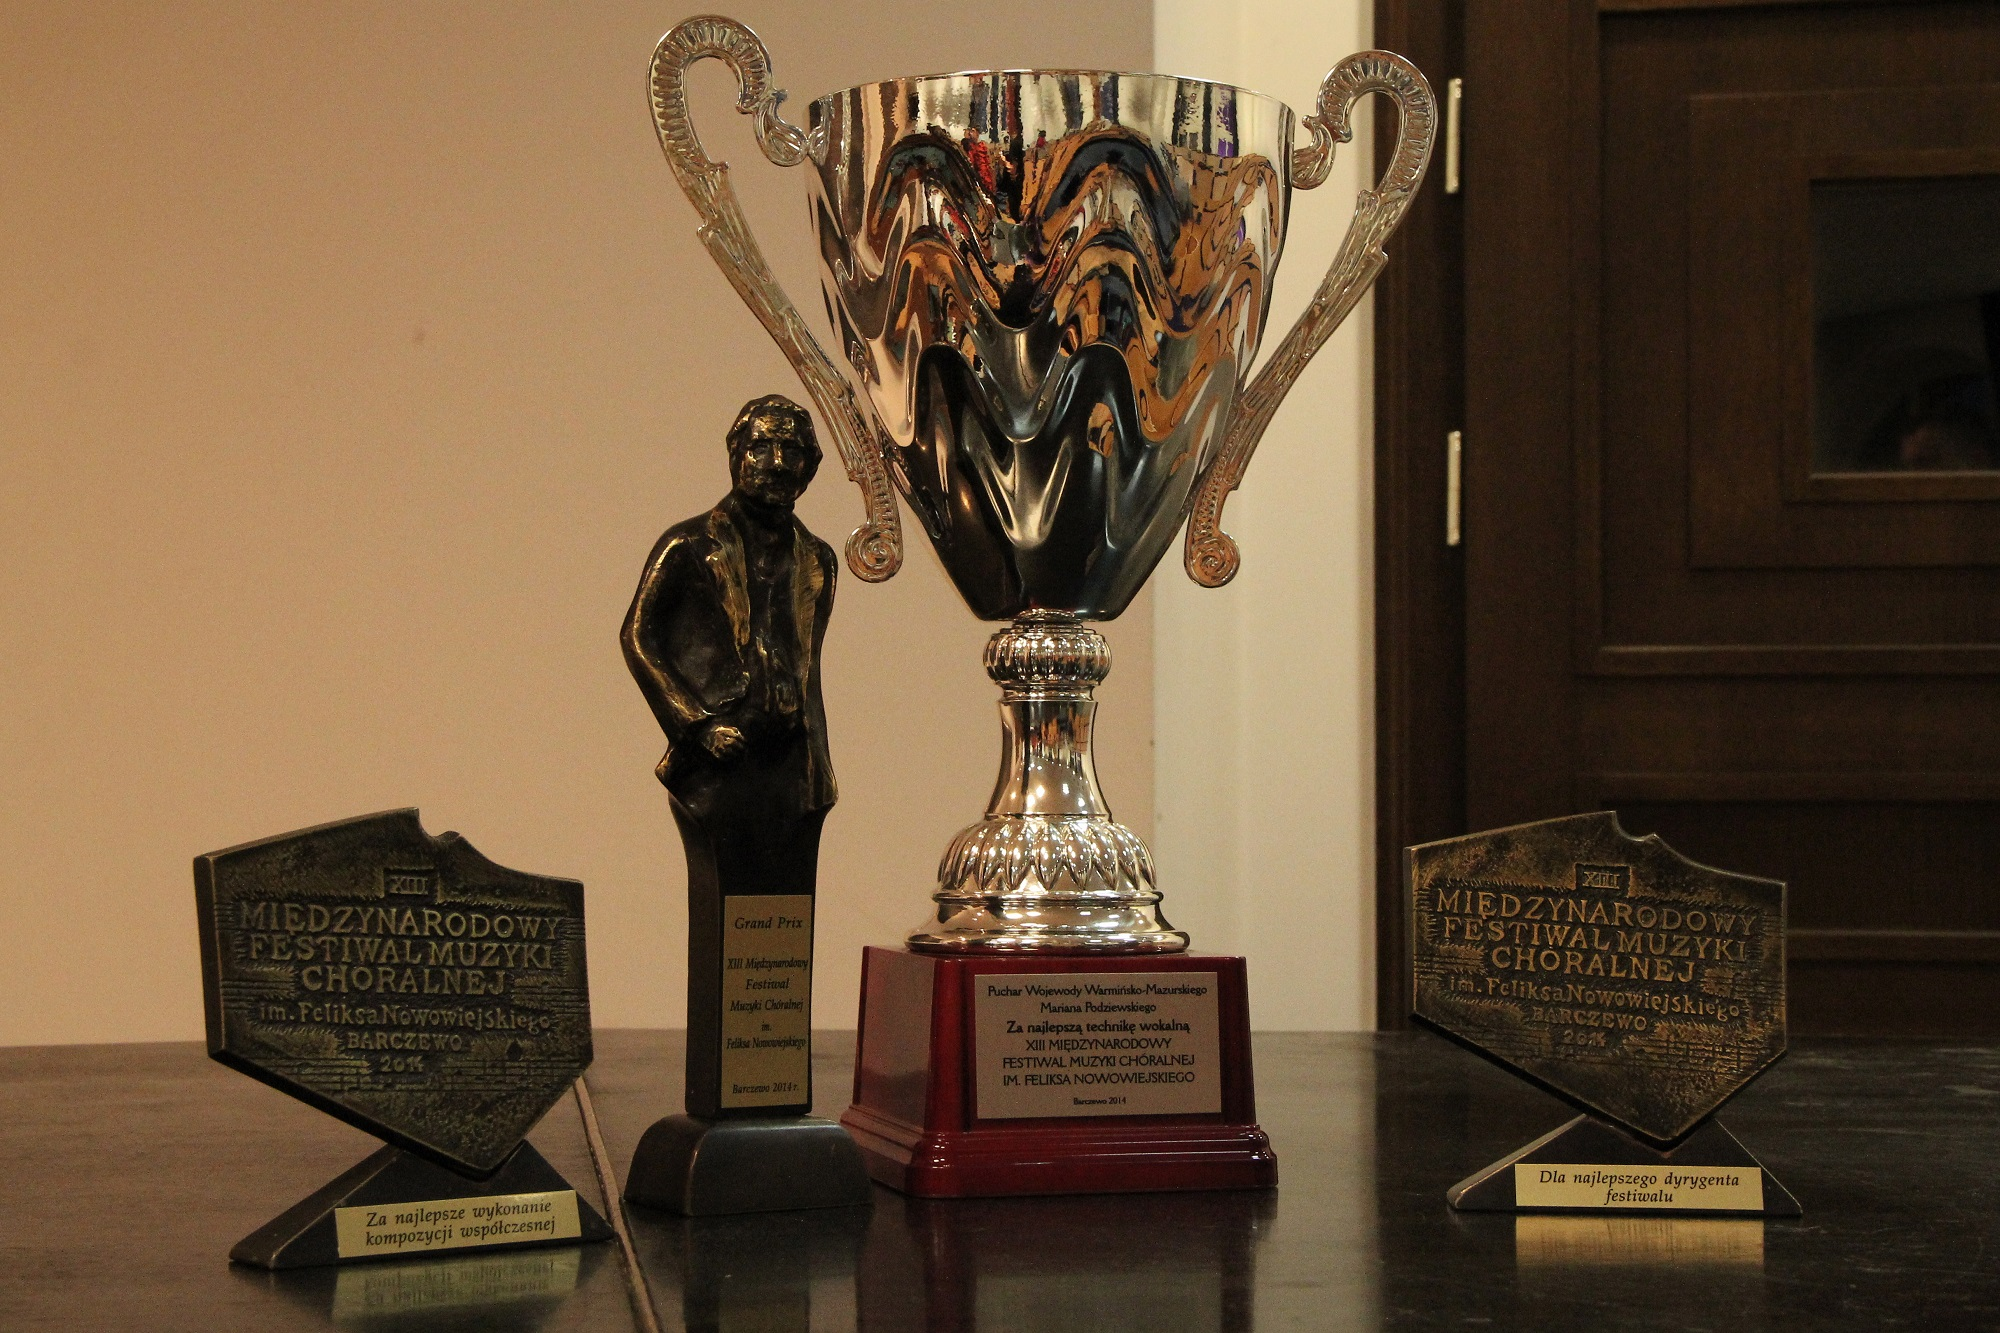 Nagrody_Barczewo2014_www